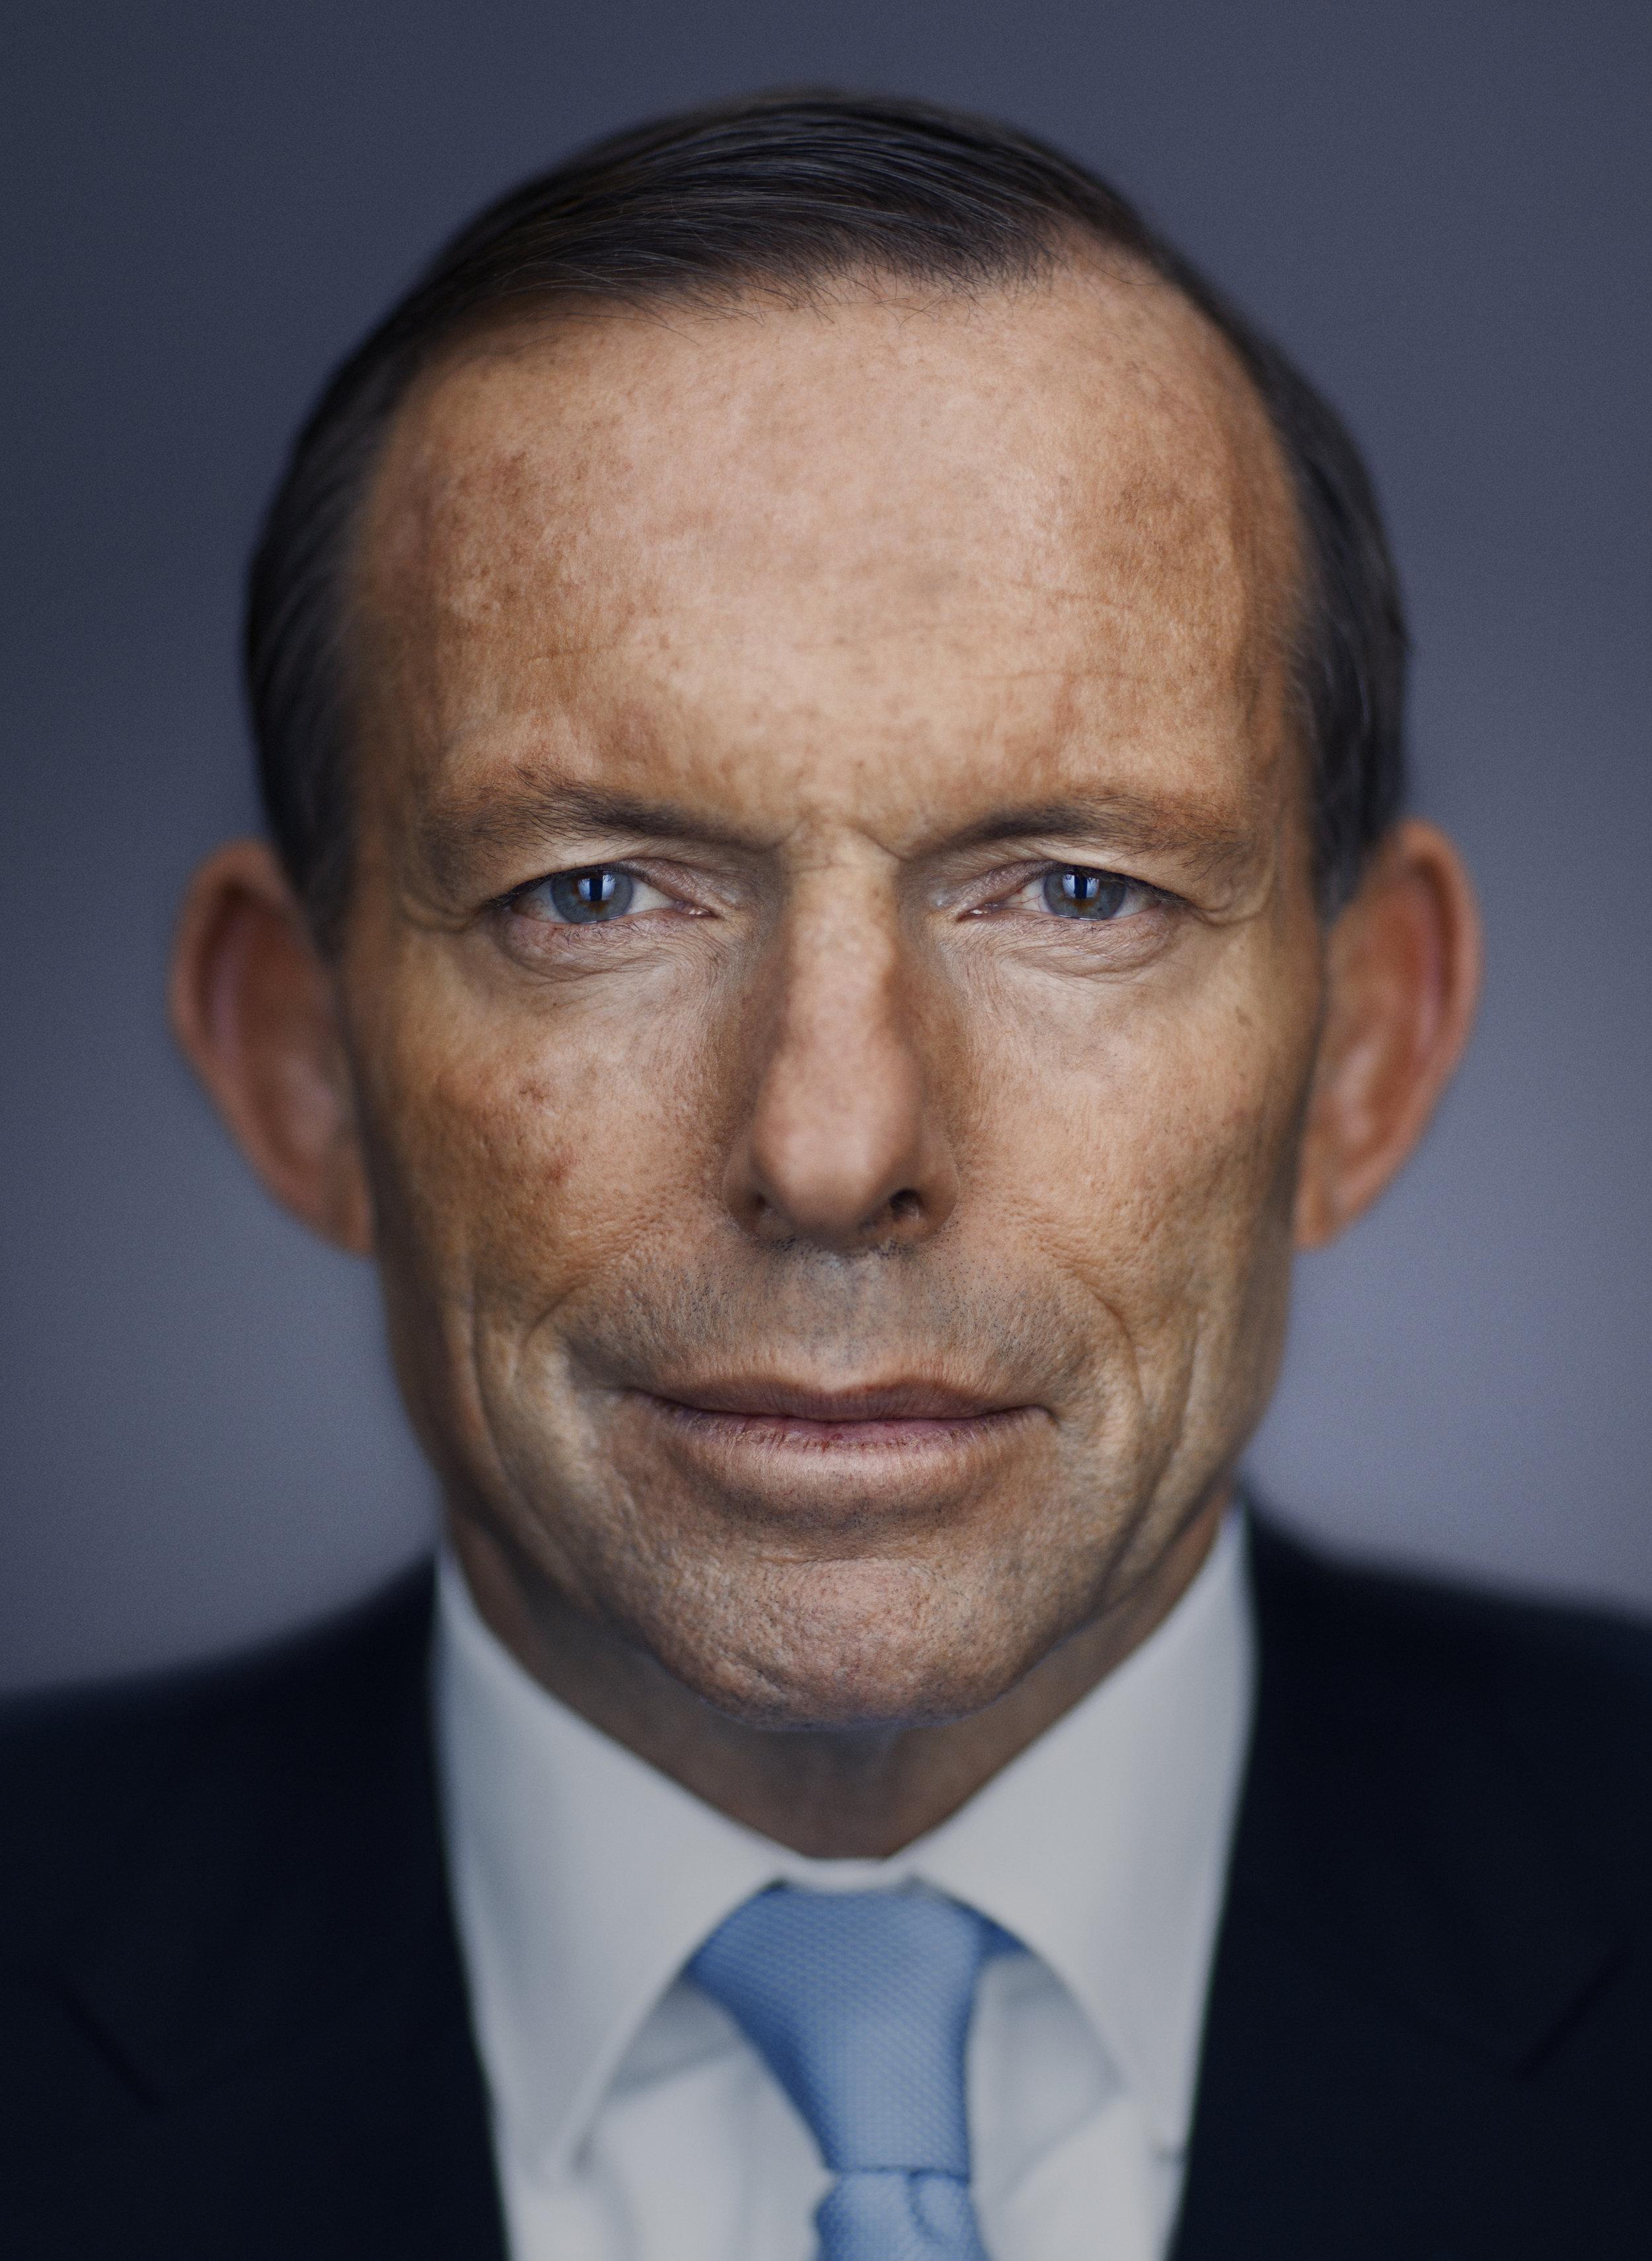 Former Prime Minister - Tony Abbott